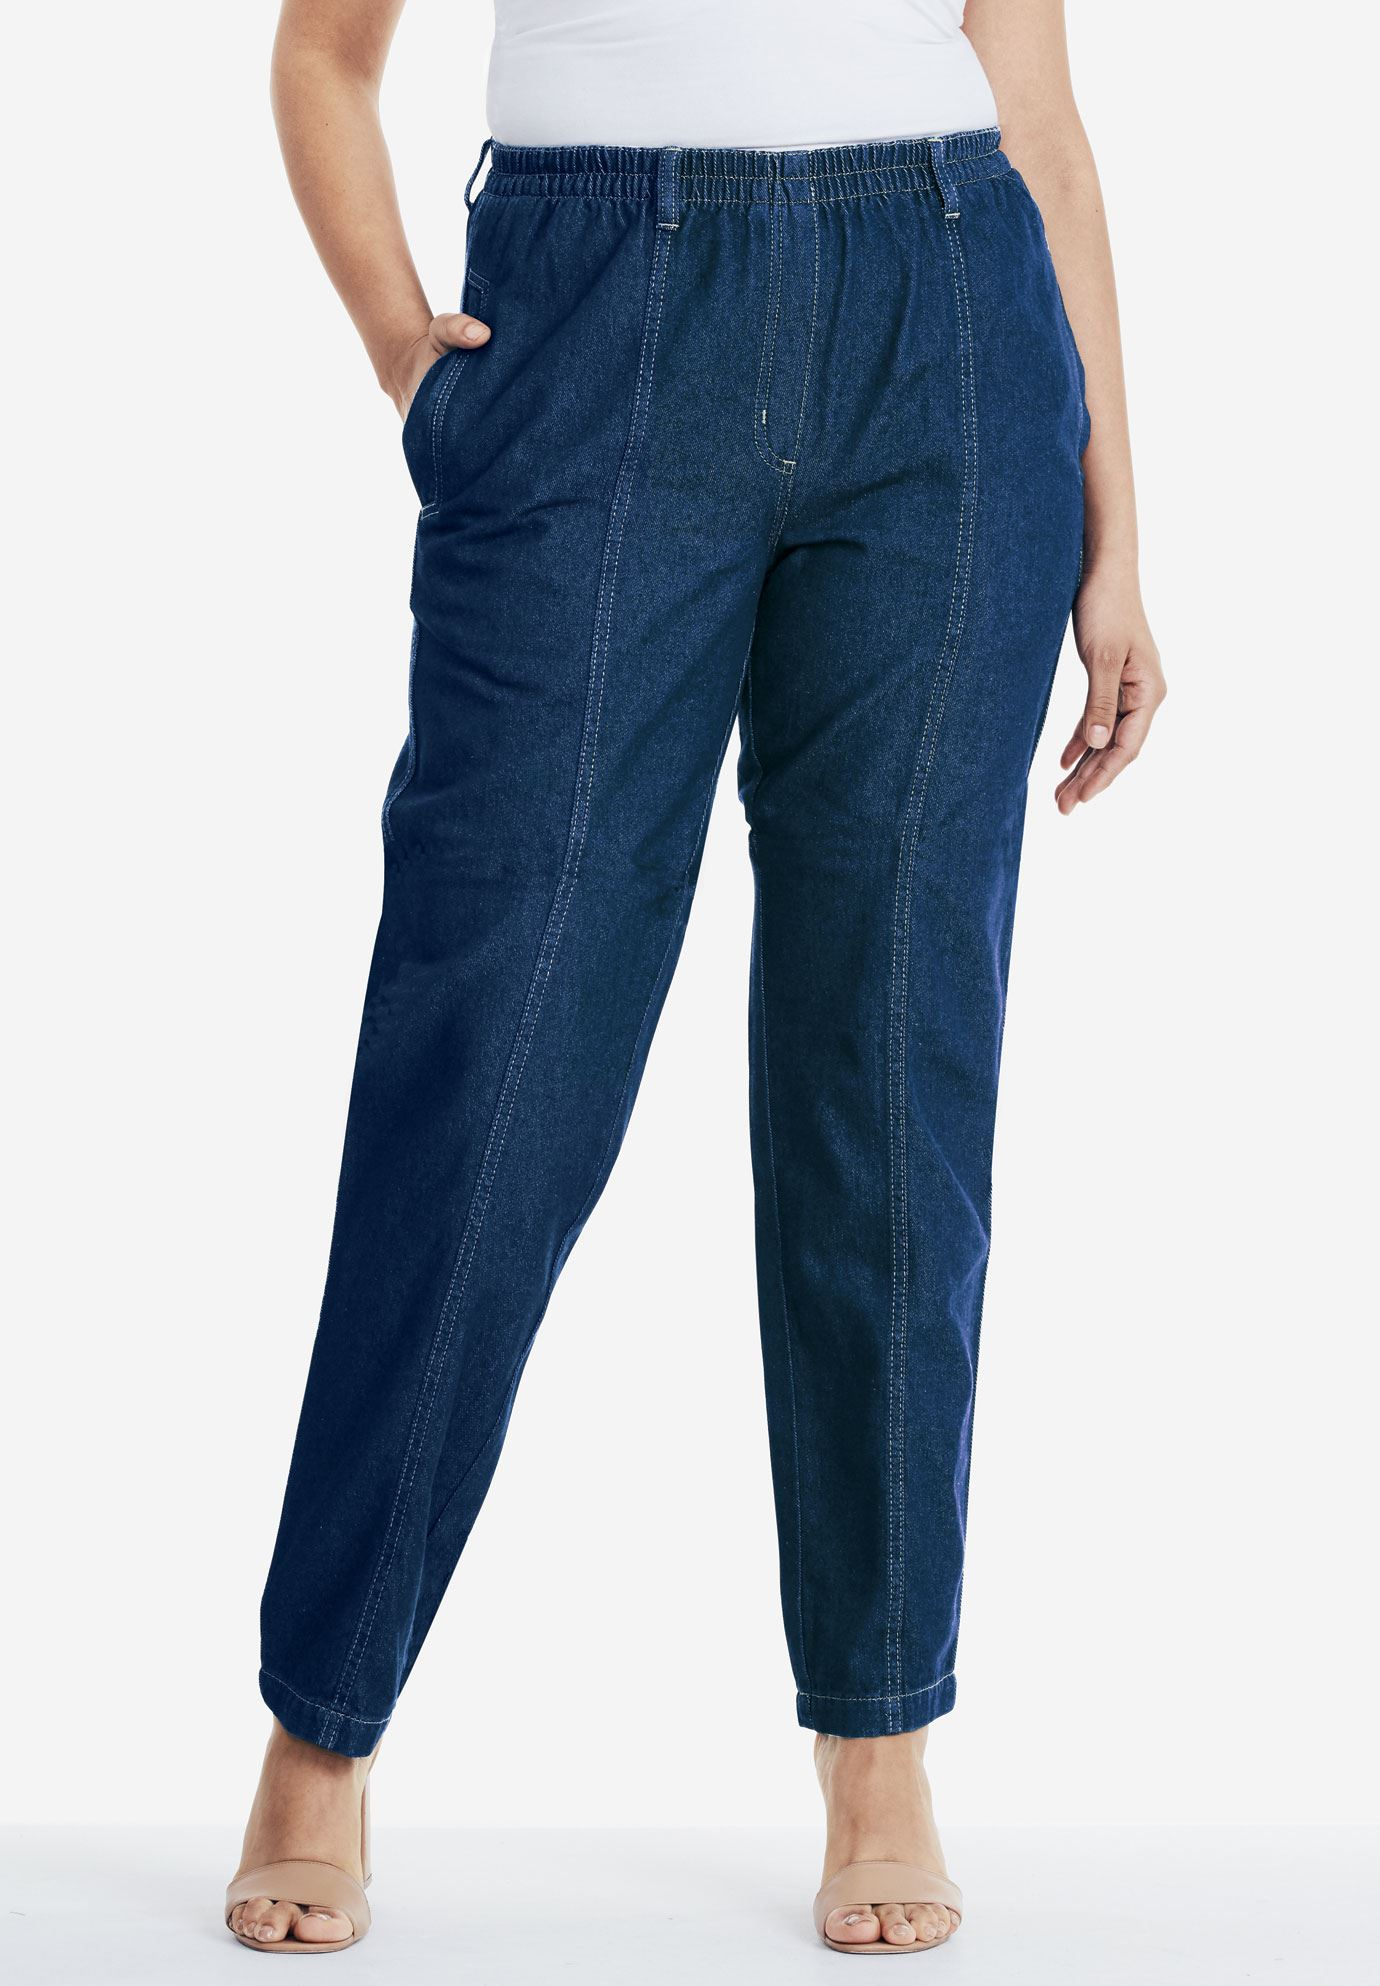 Kate Elastic Waist Jeans Plus Size Jeans Roaman S